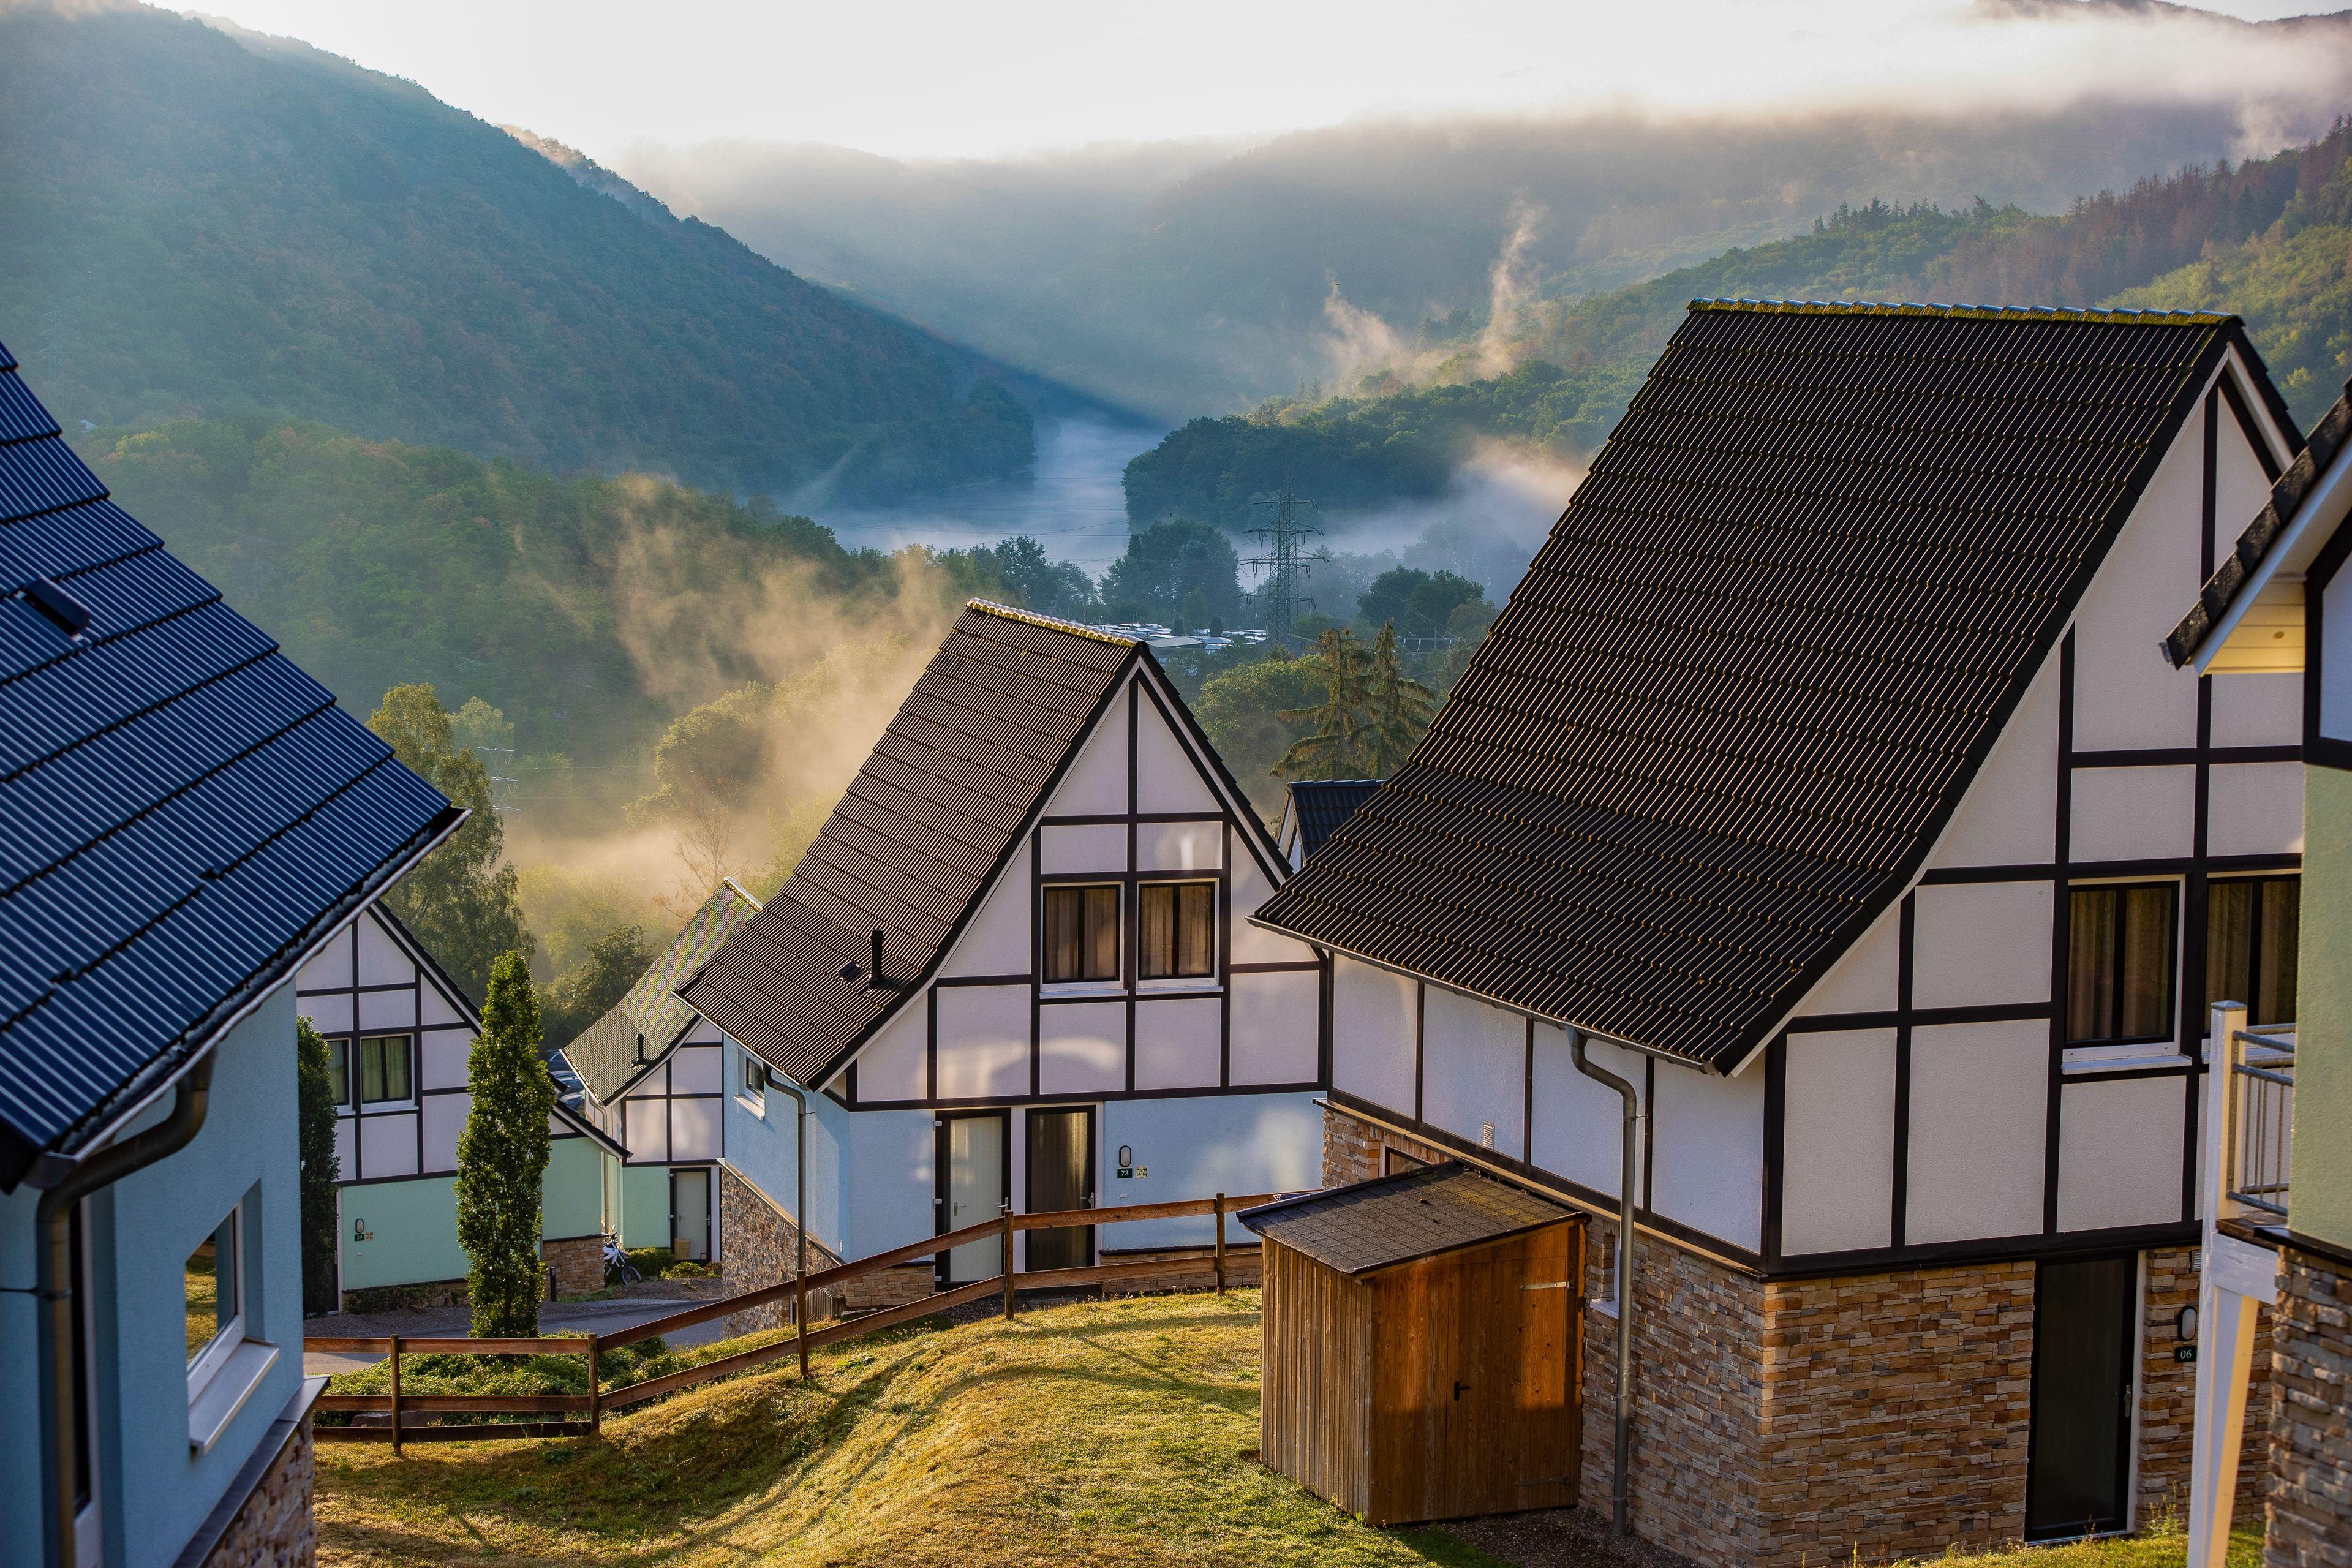 Korting vakantiehuisje Eifel 🏕️Dormio Resort Eifeler Tor